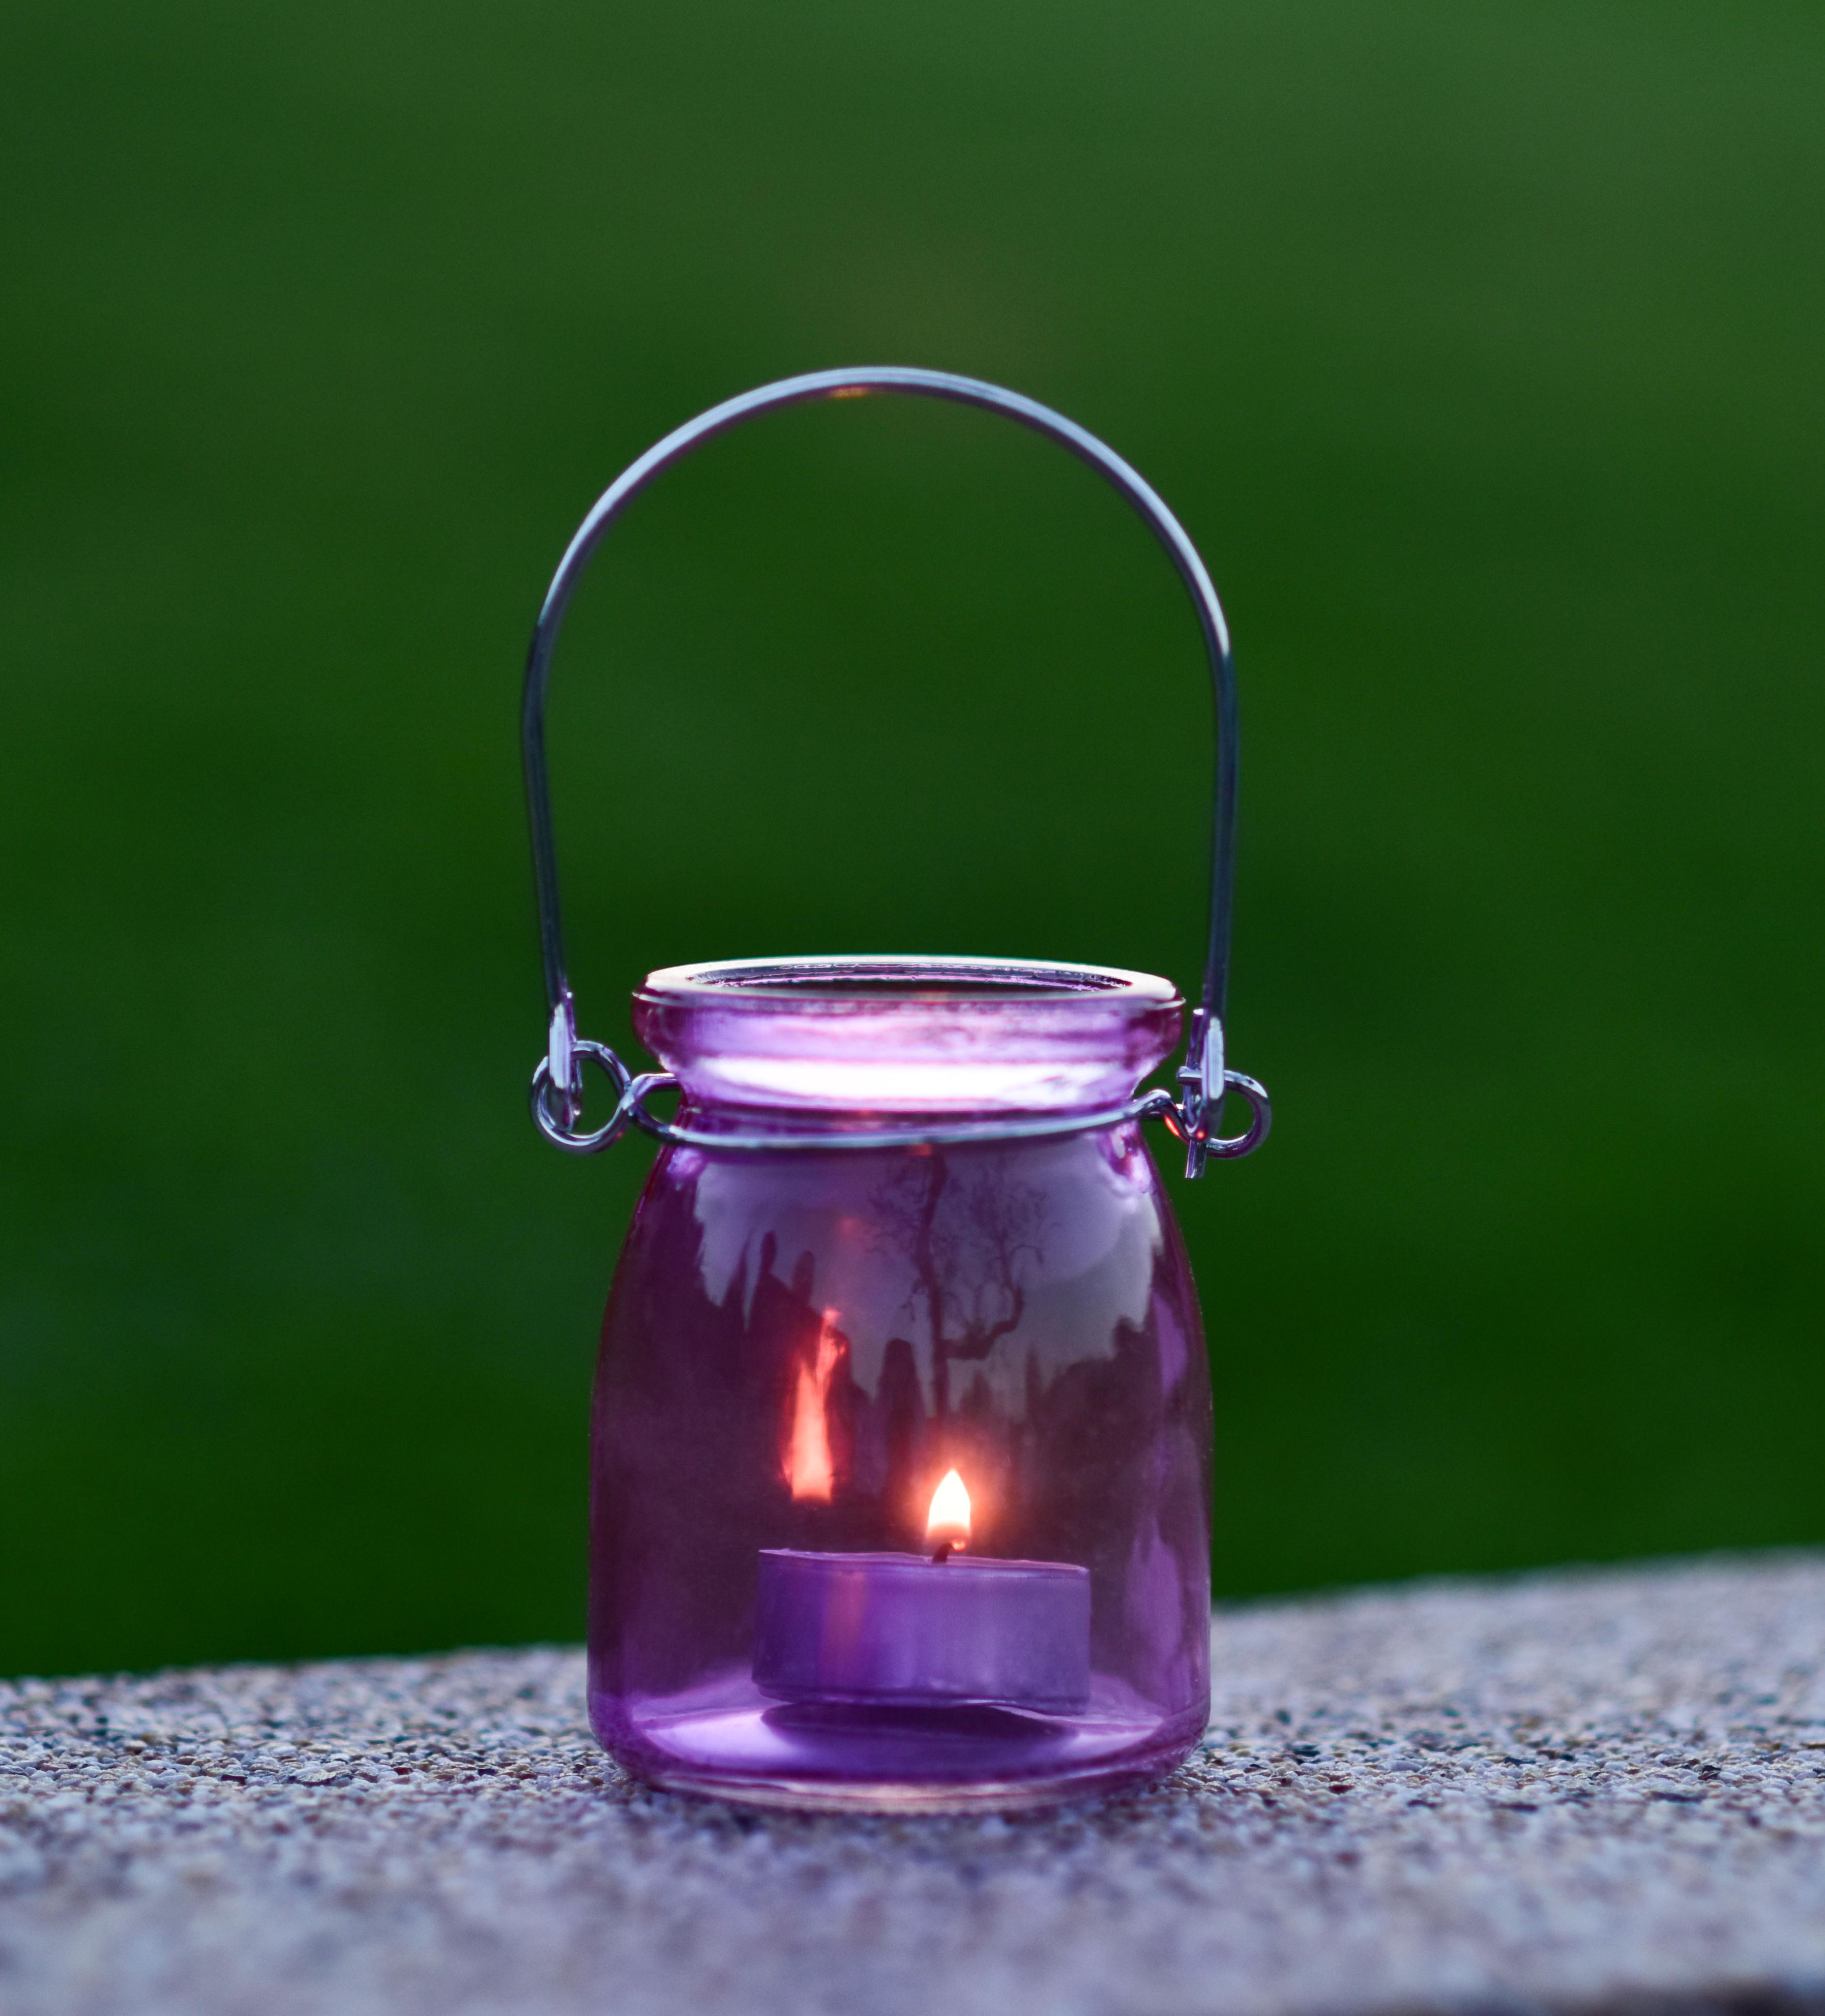 Skleněný svícen na čajovou svíčku lila